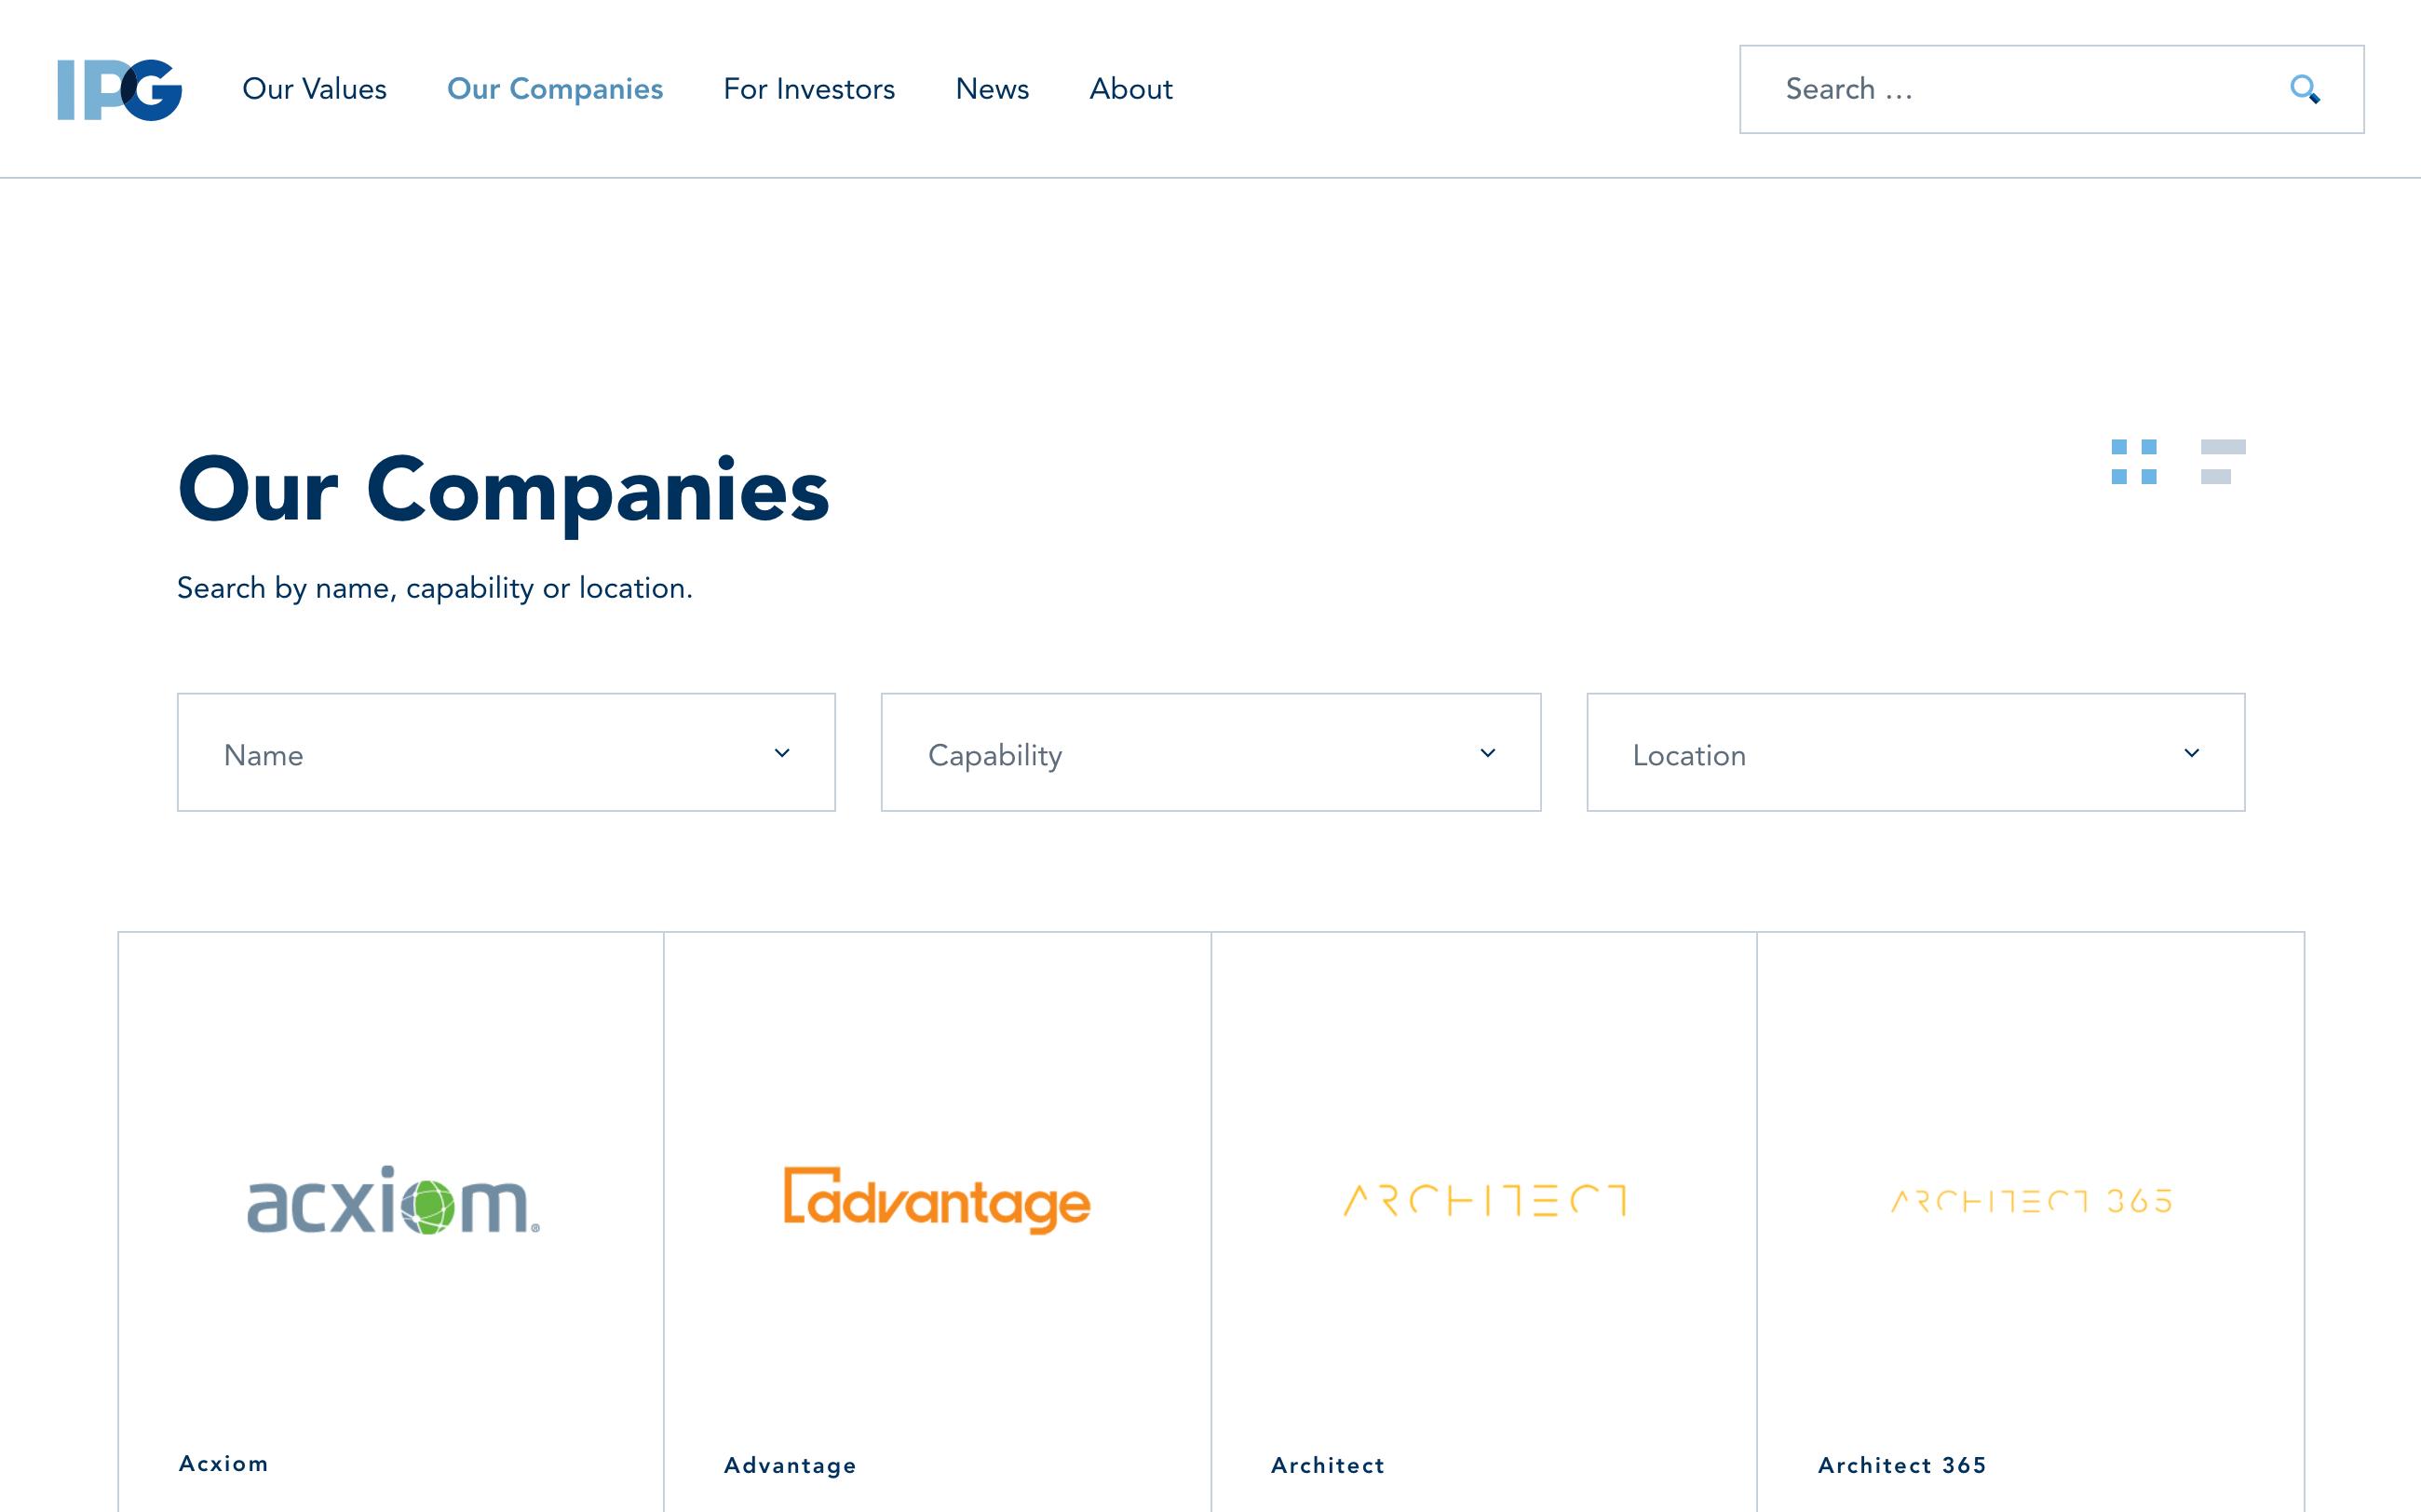 Interpublic Group Companies